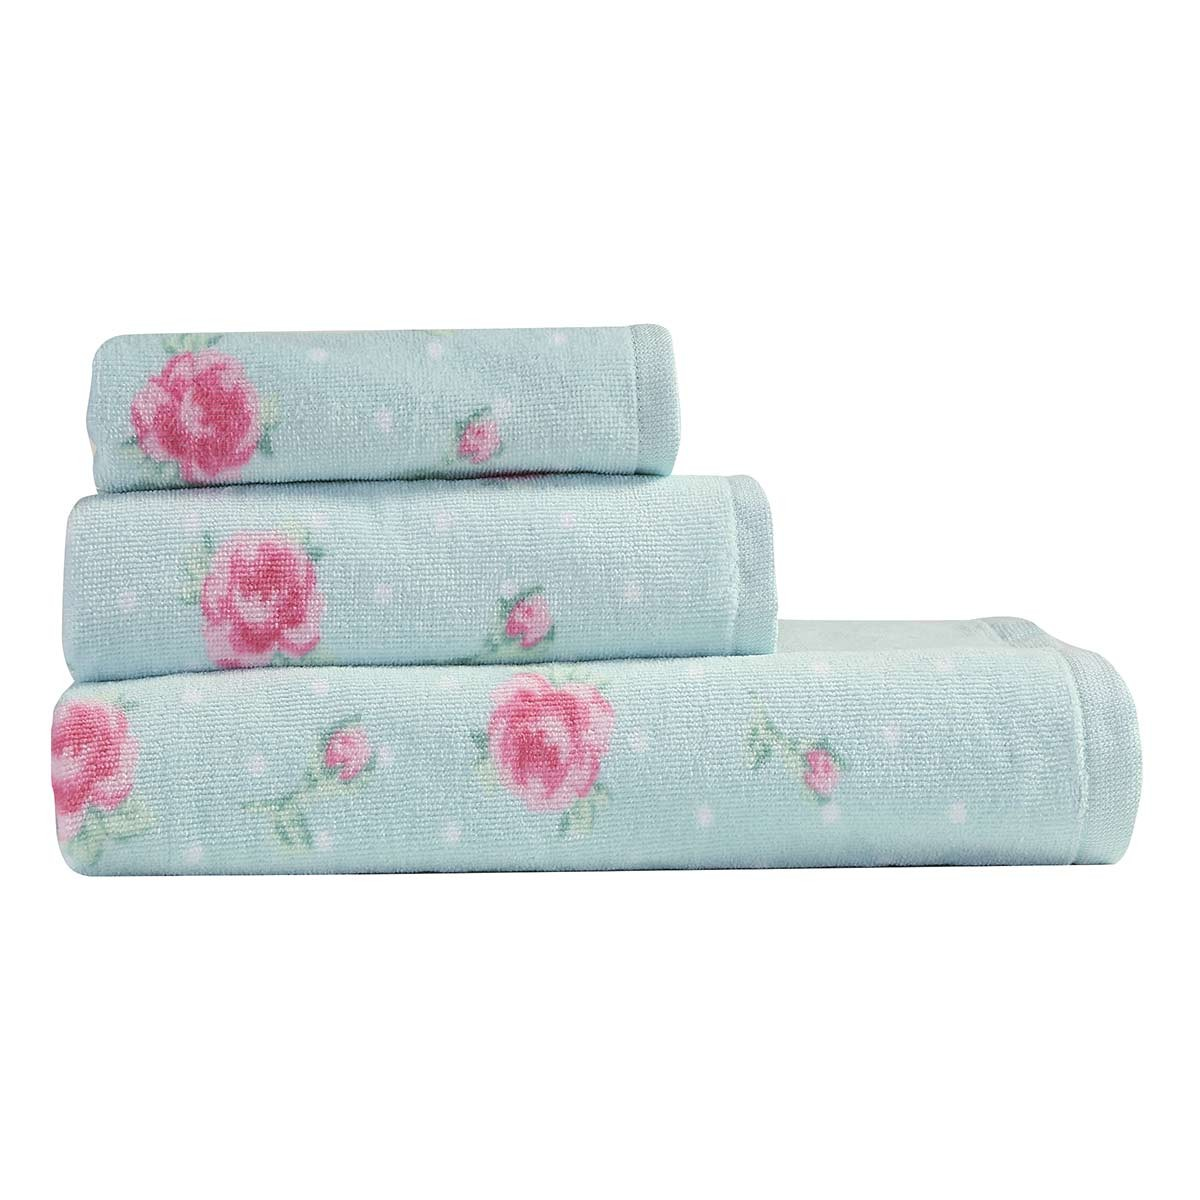 Πετσέτες Προσώπου (Σετ 2τμχ) Nef-Nef Bath Floral